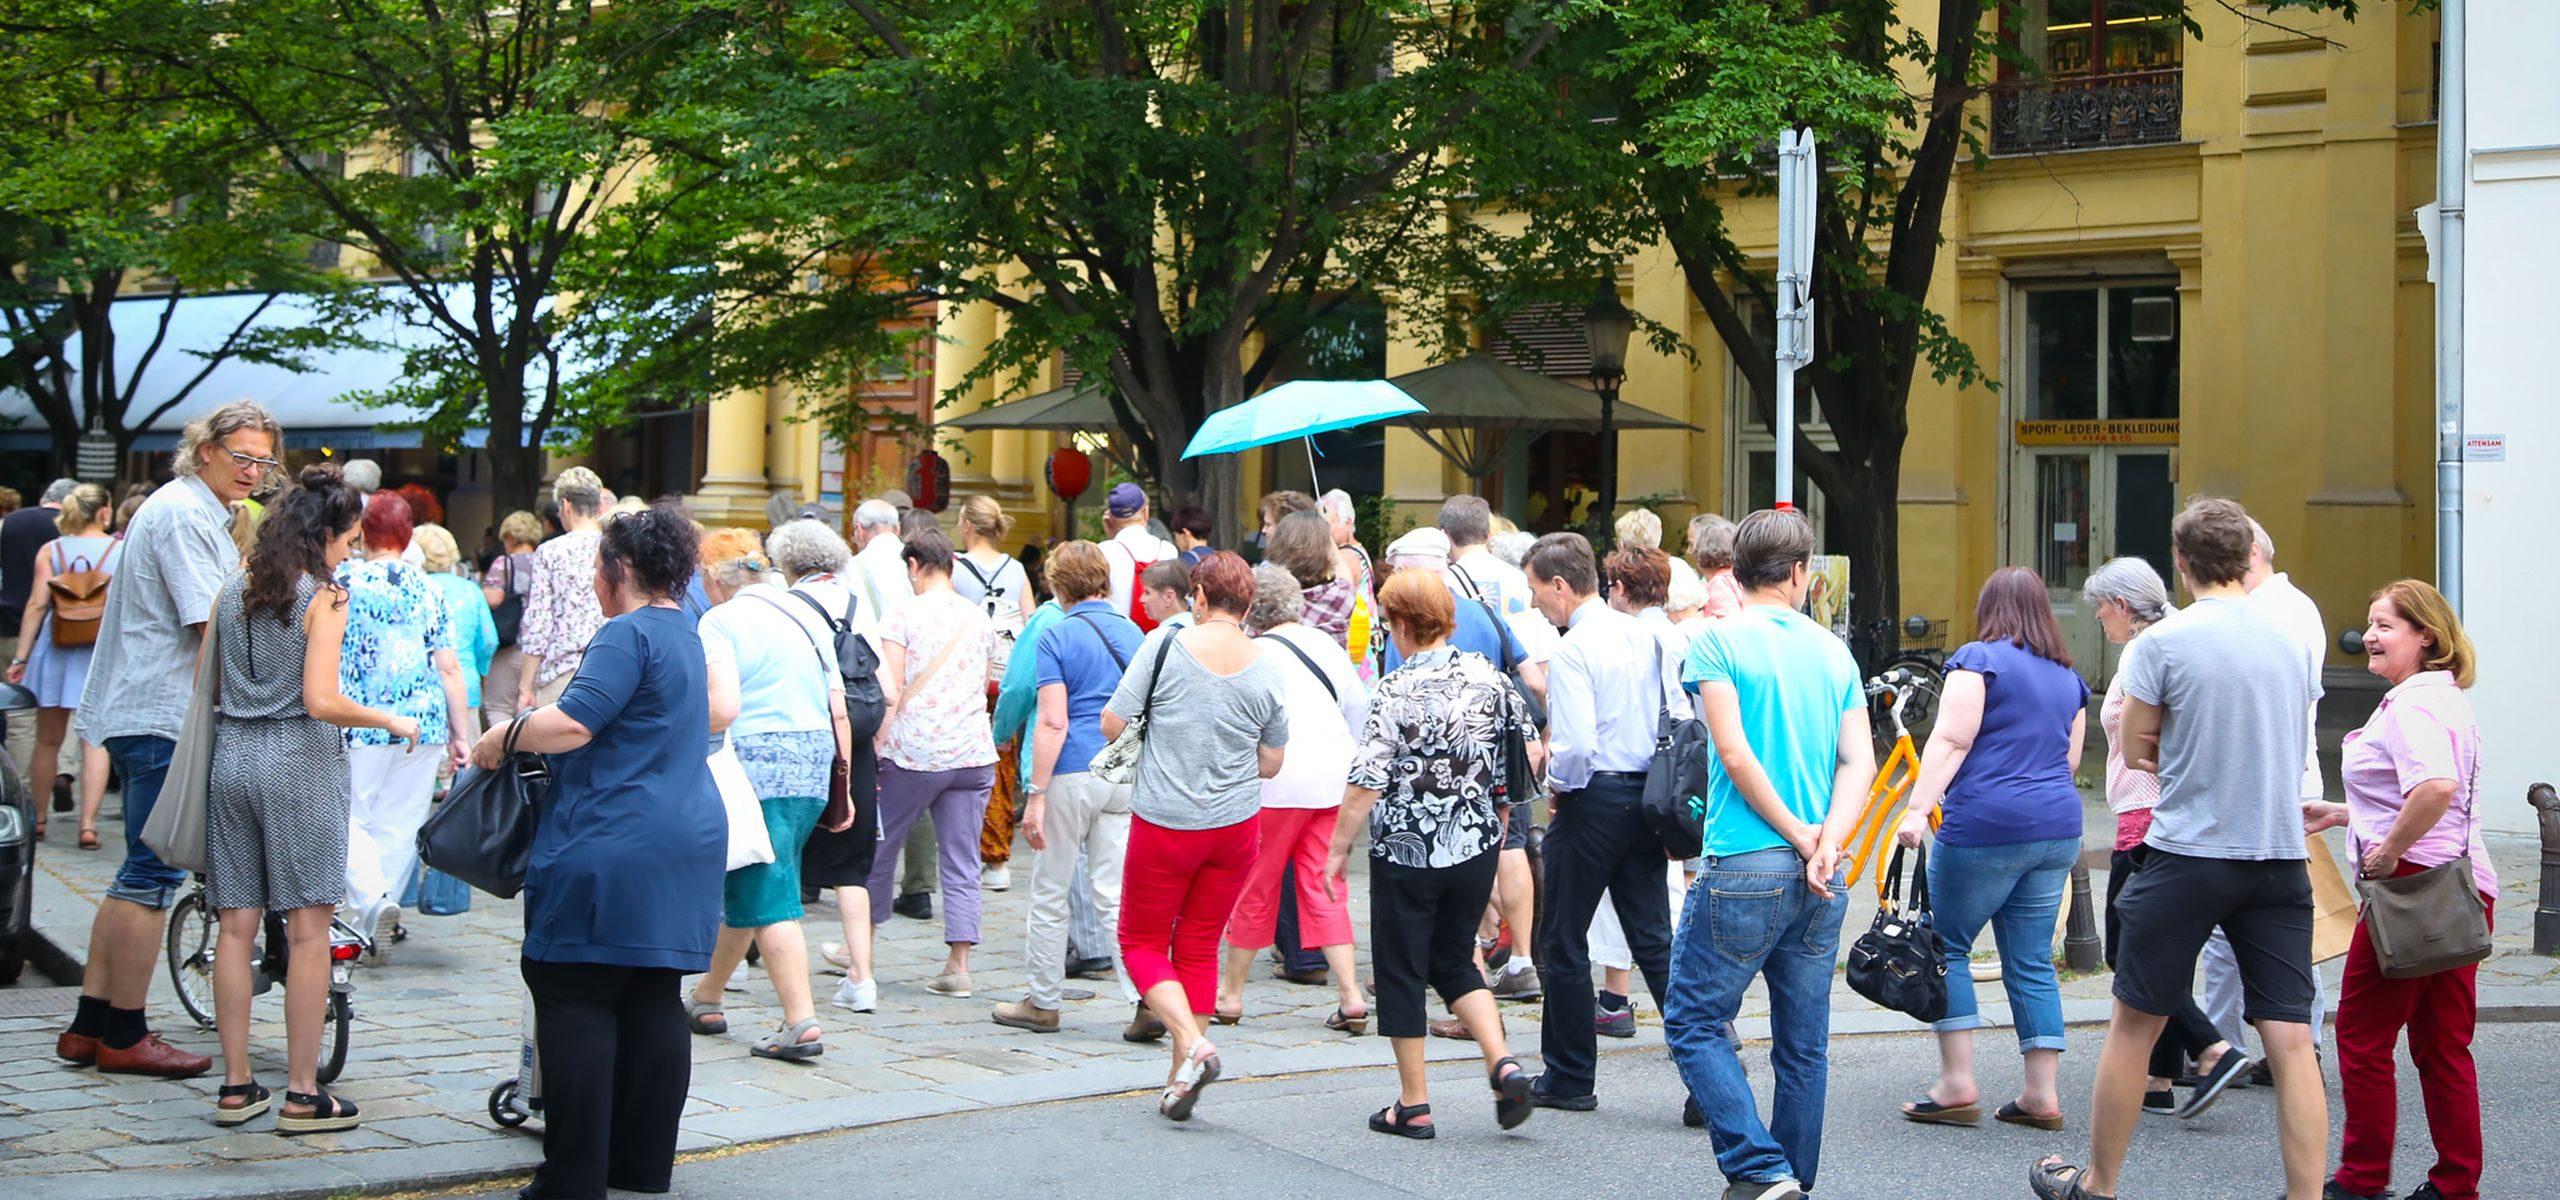 Spaziergang auf der Praterstraße. Eine Gruppe Menschen überquert die Straße auf Höhe des Johann-Nestroy-Denkmals auf der Praterstraße. Foto: Christian Fürthner